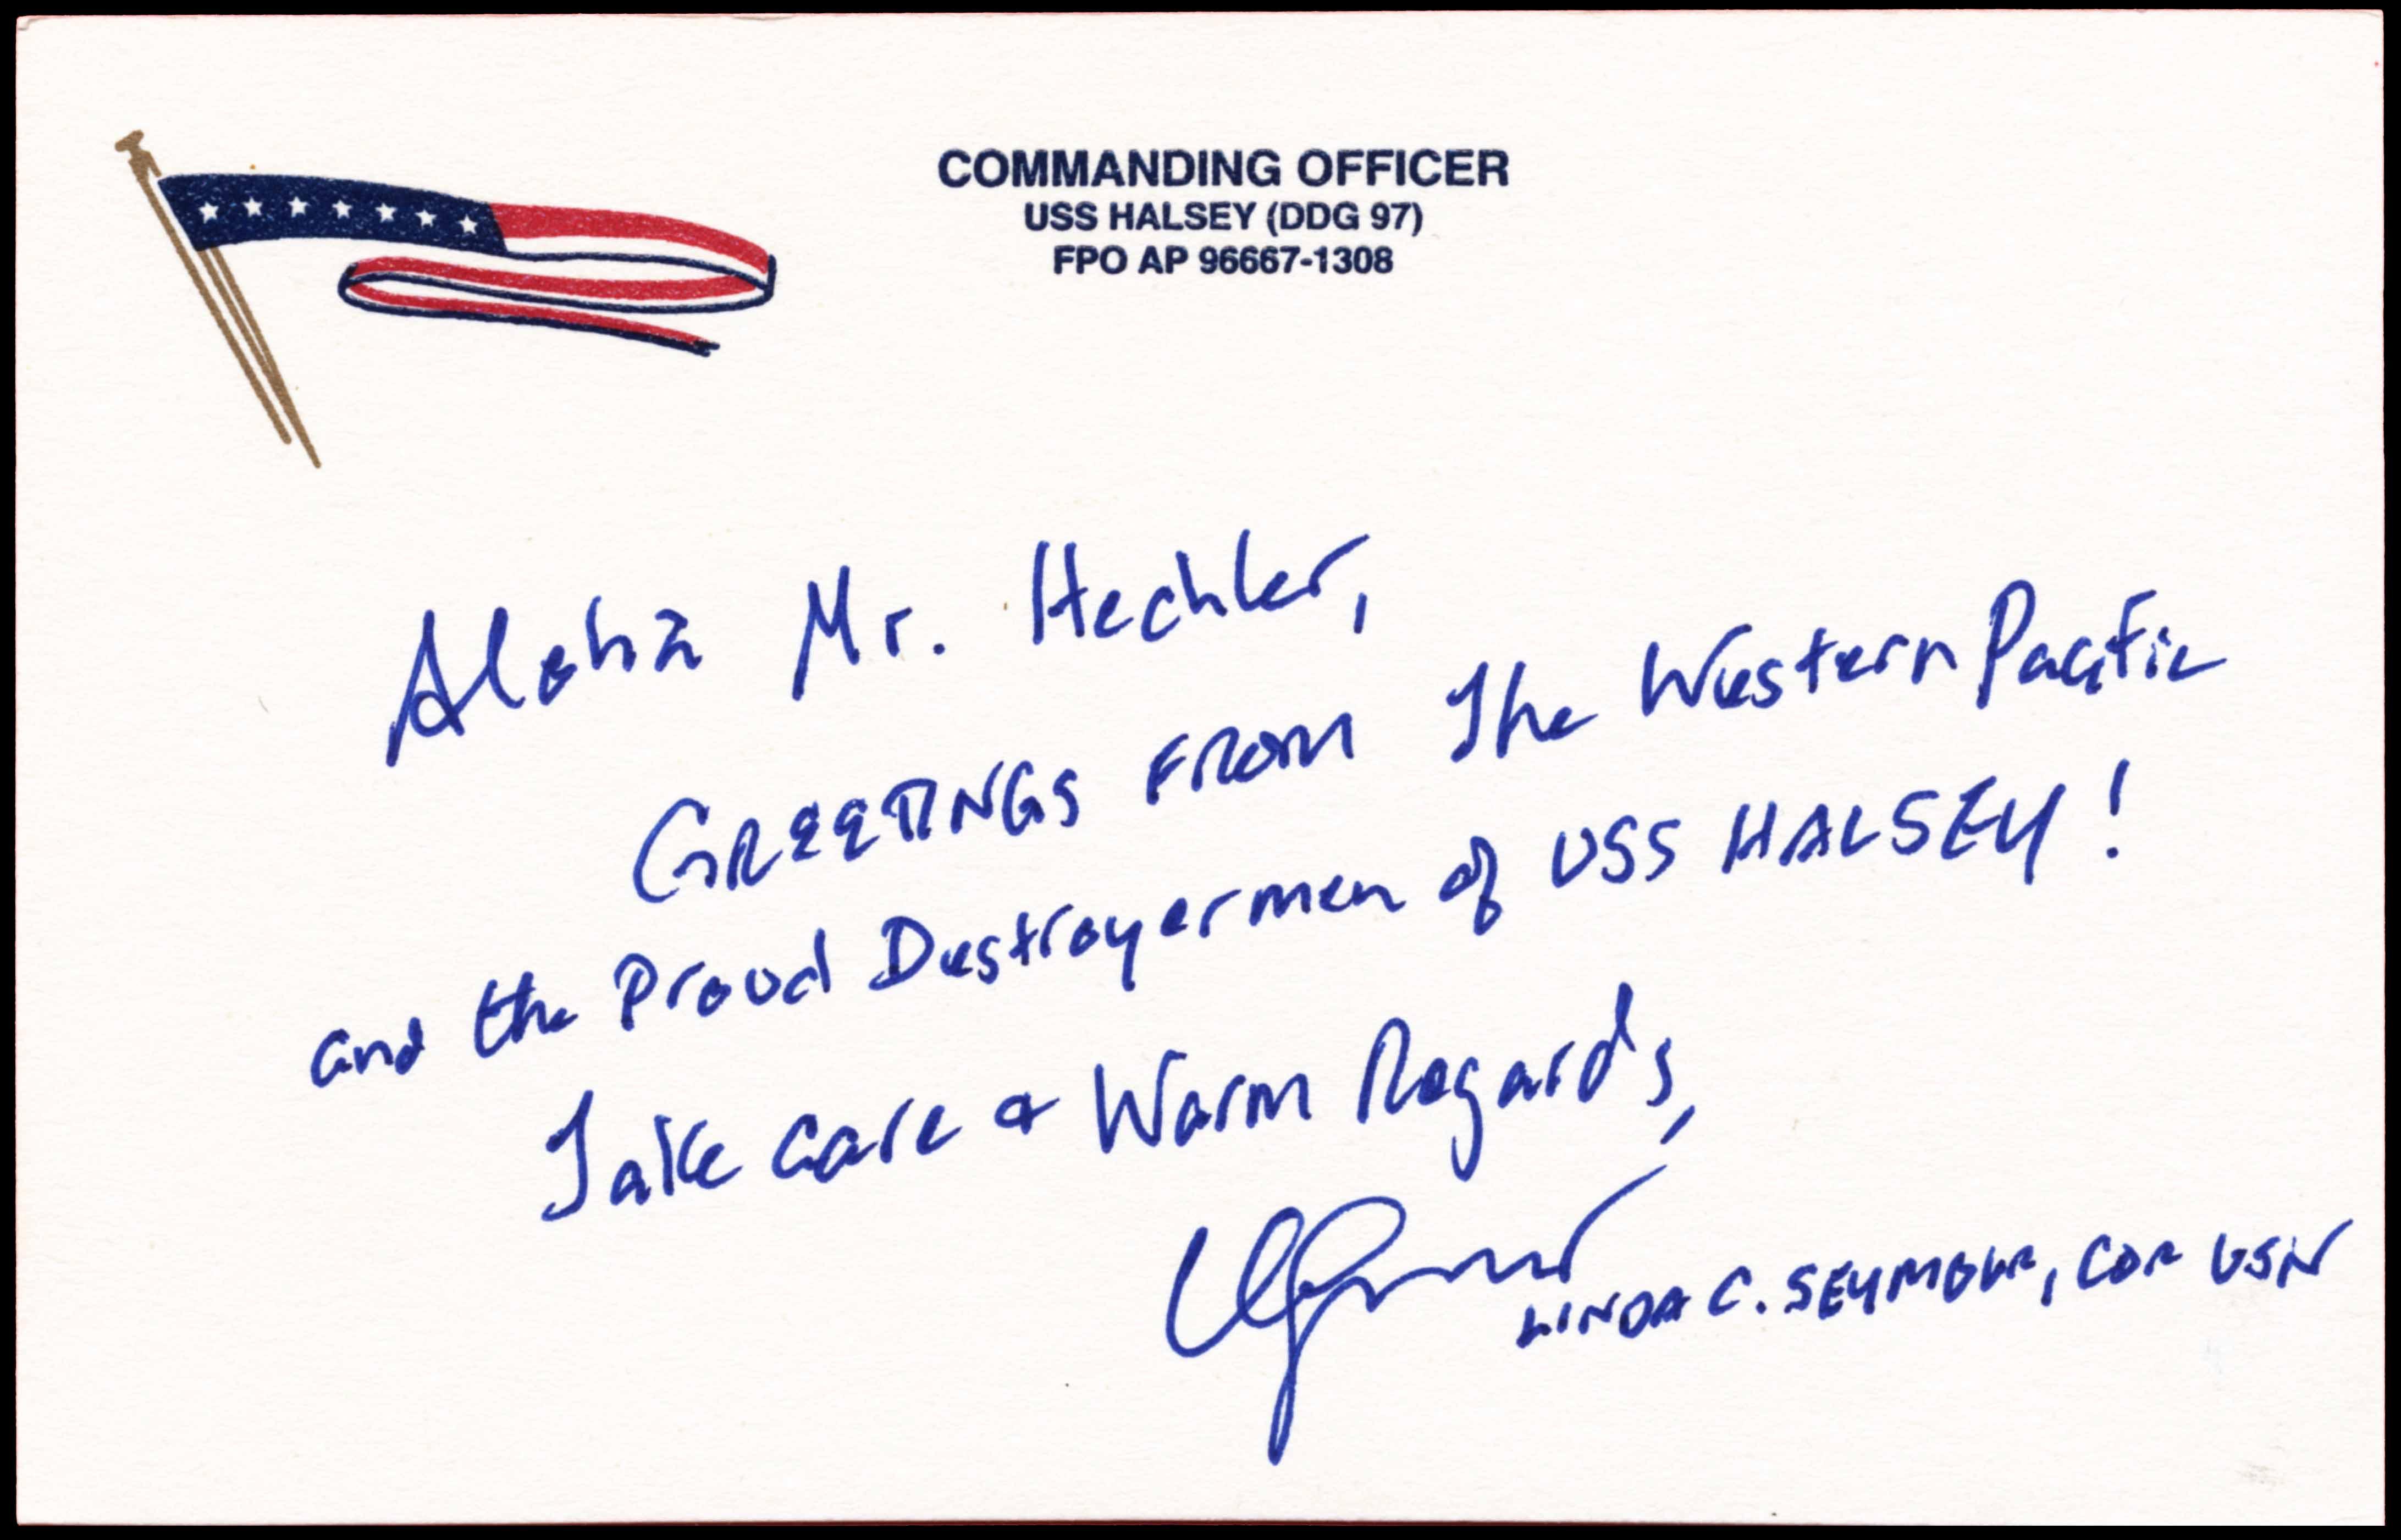 Widmung zum Beleg USS HALSEY DDG-97 vom 24.09.2014 von Wolfgang Hechler